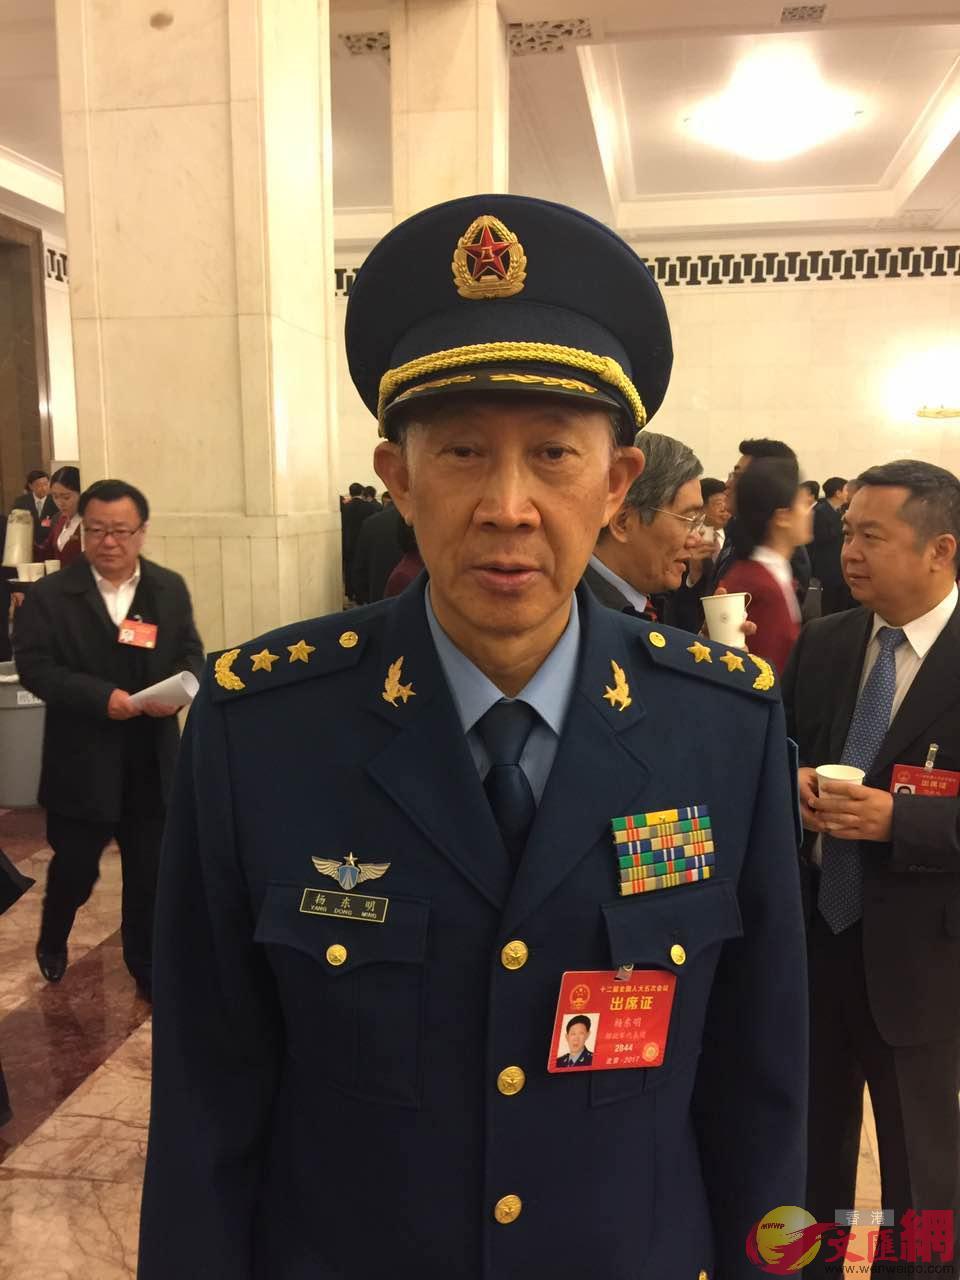 全國人大代表、原空軍副司令員楊東明。葛沖攝。